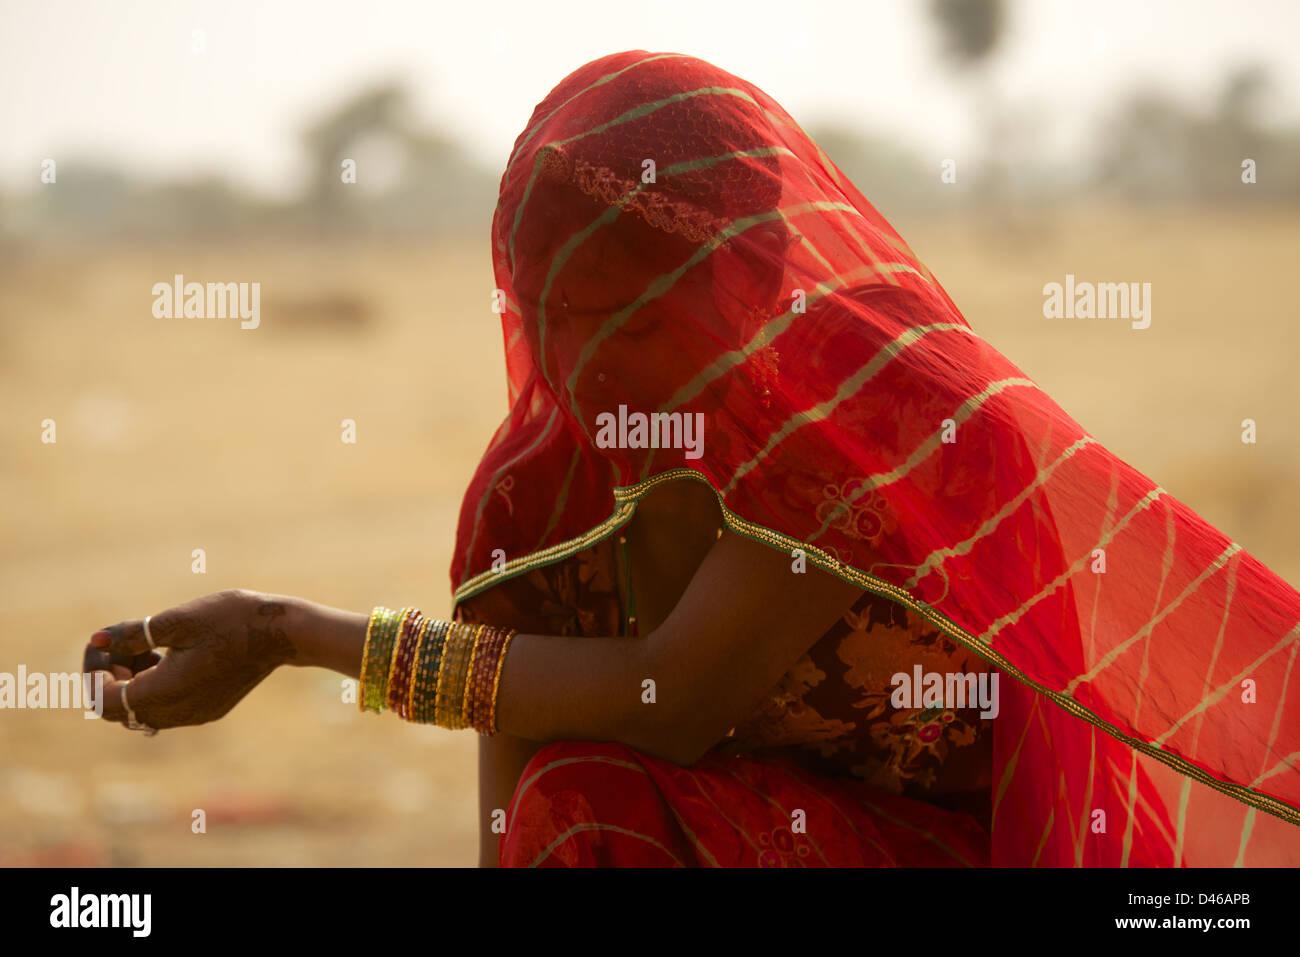 Une jeune femme indienne à la périphérie de Bikaner Rajasthan en Inde du nord. shields son visage Photo Stock